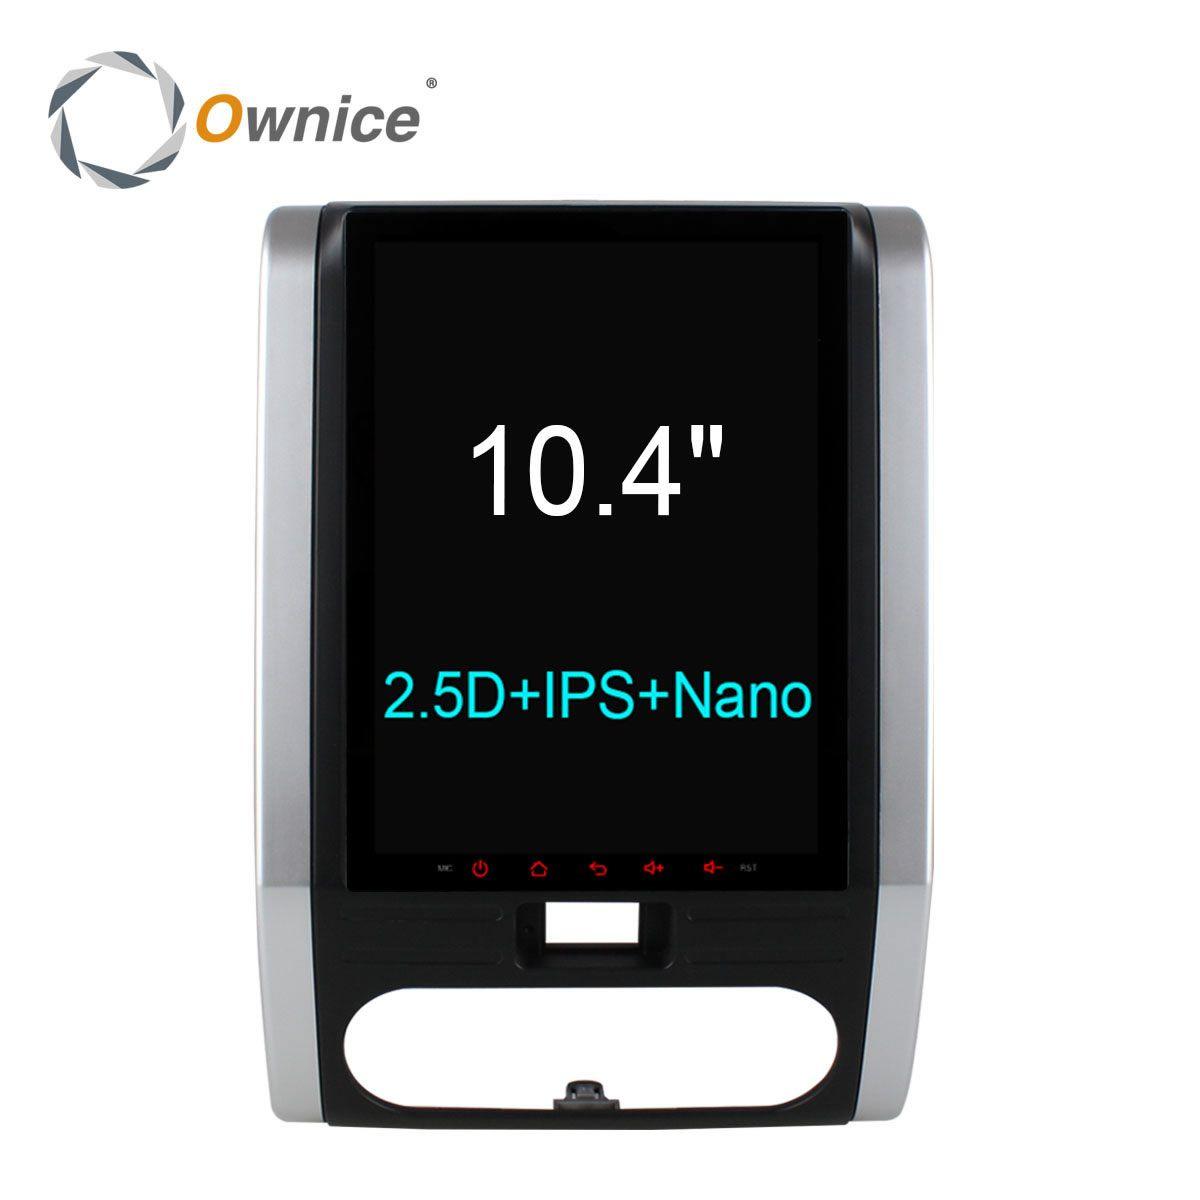 Ownice C600 10.4